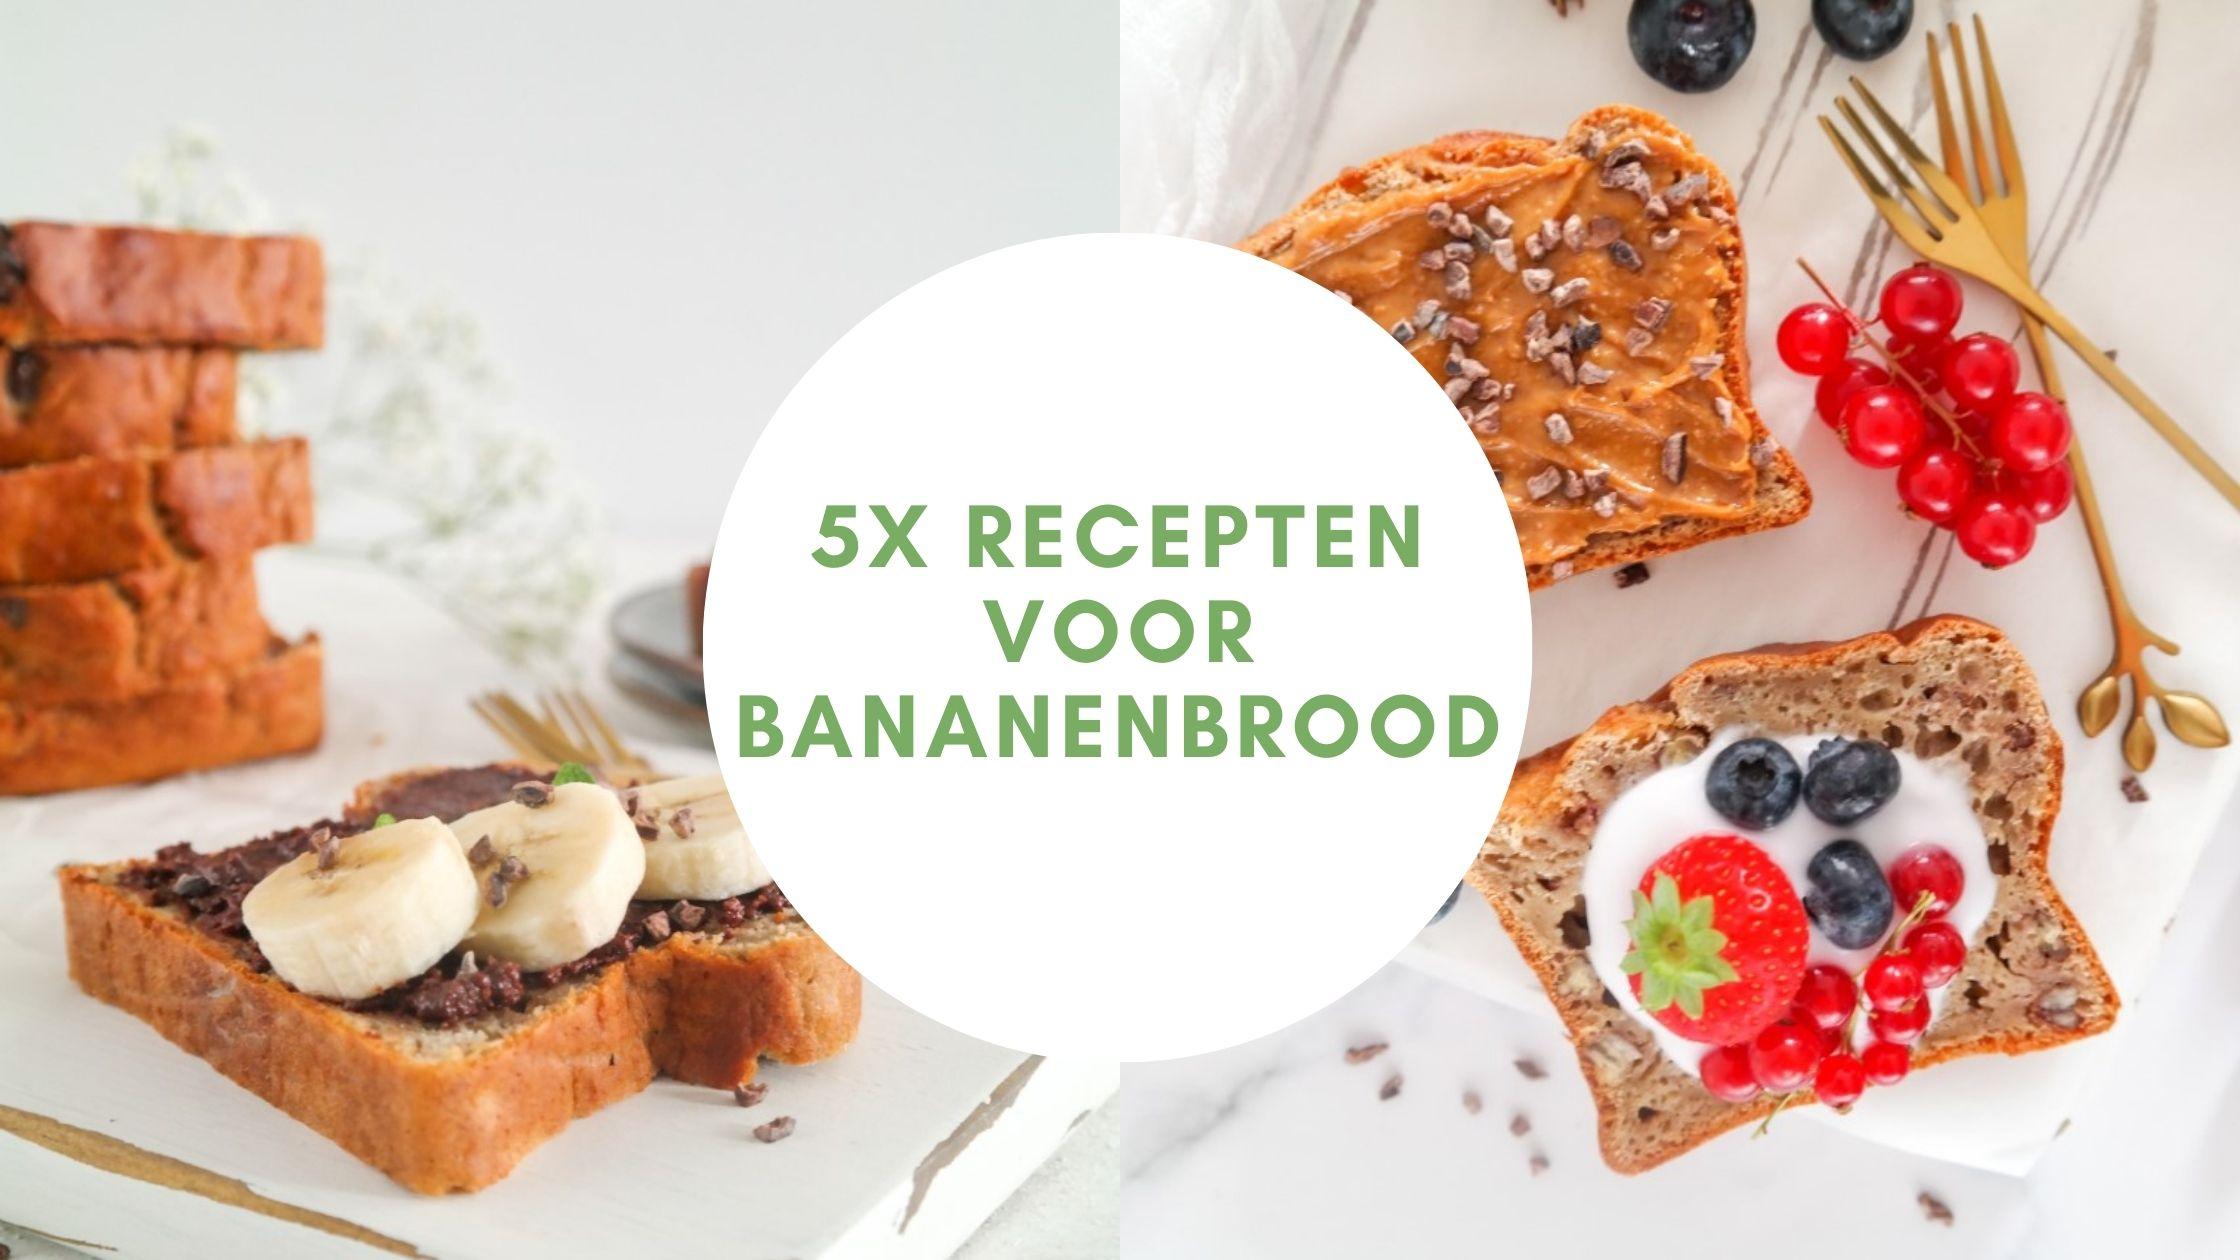 5x recepten voor Bananenbrood